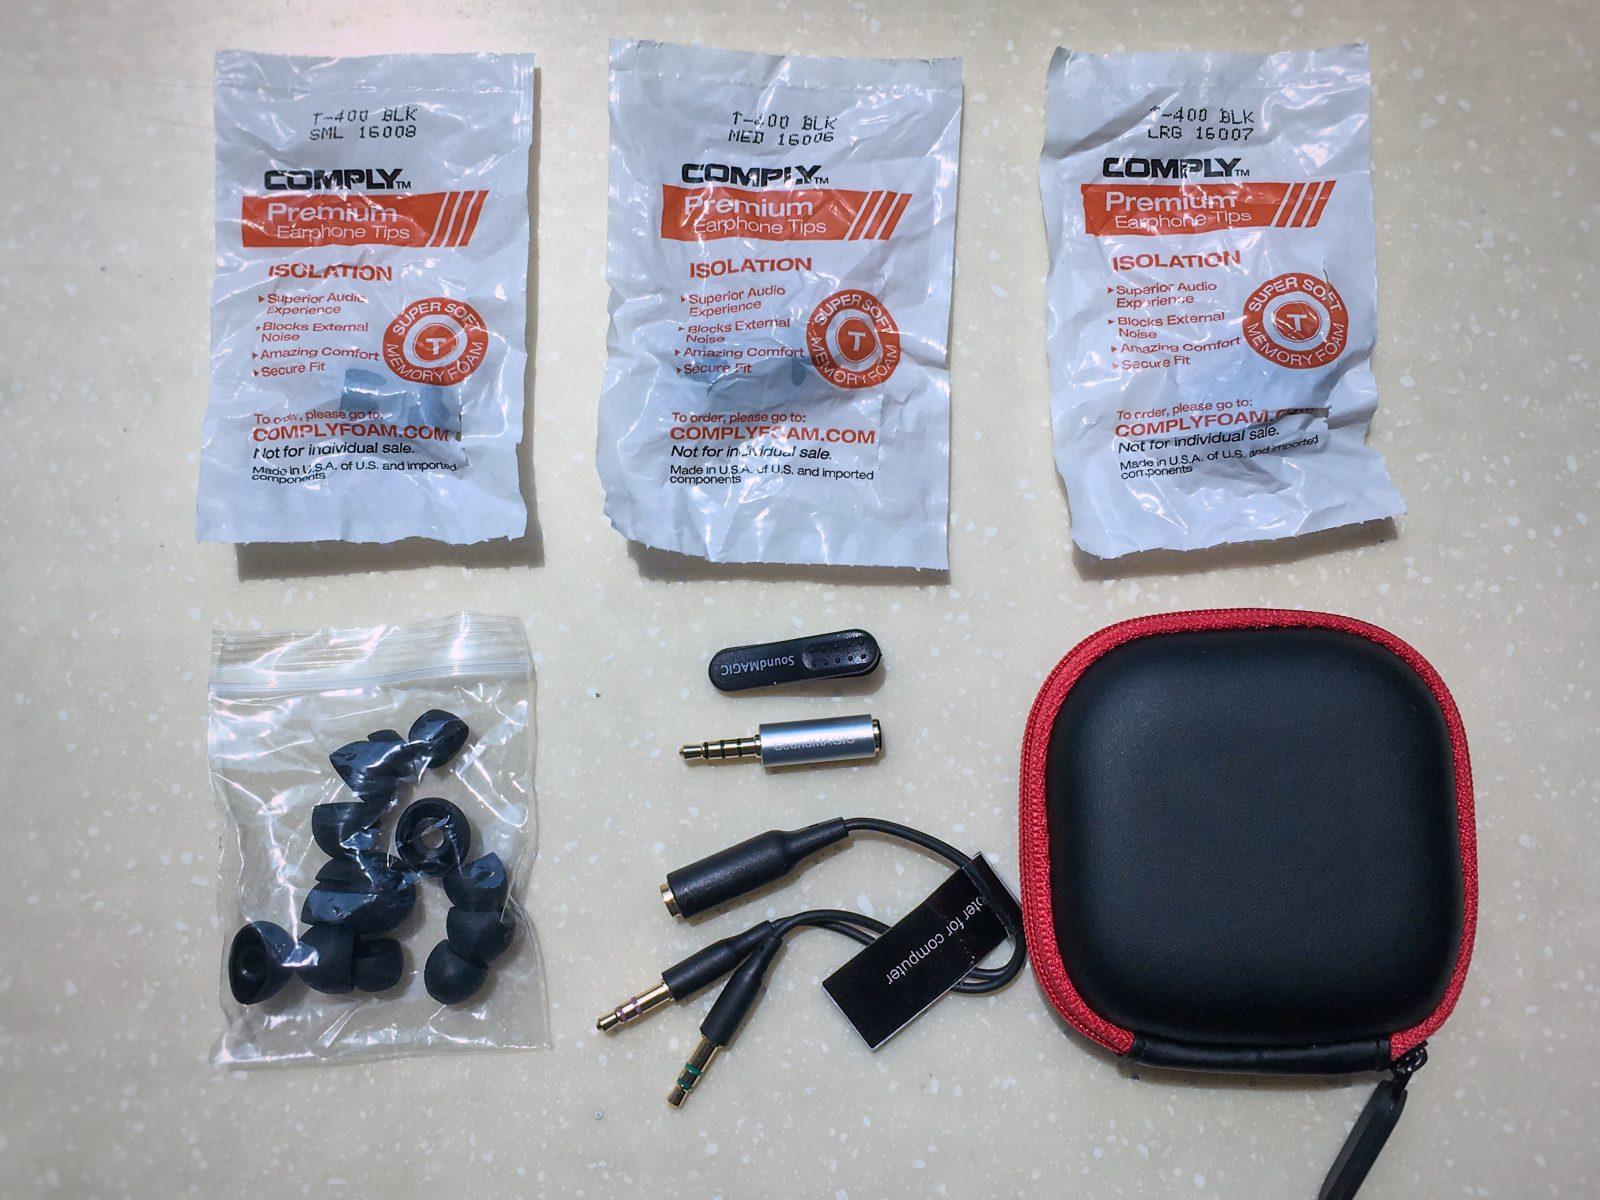 SoundMAGIC E80C accessories